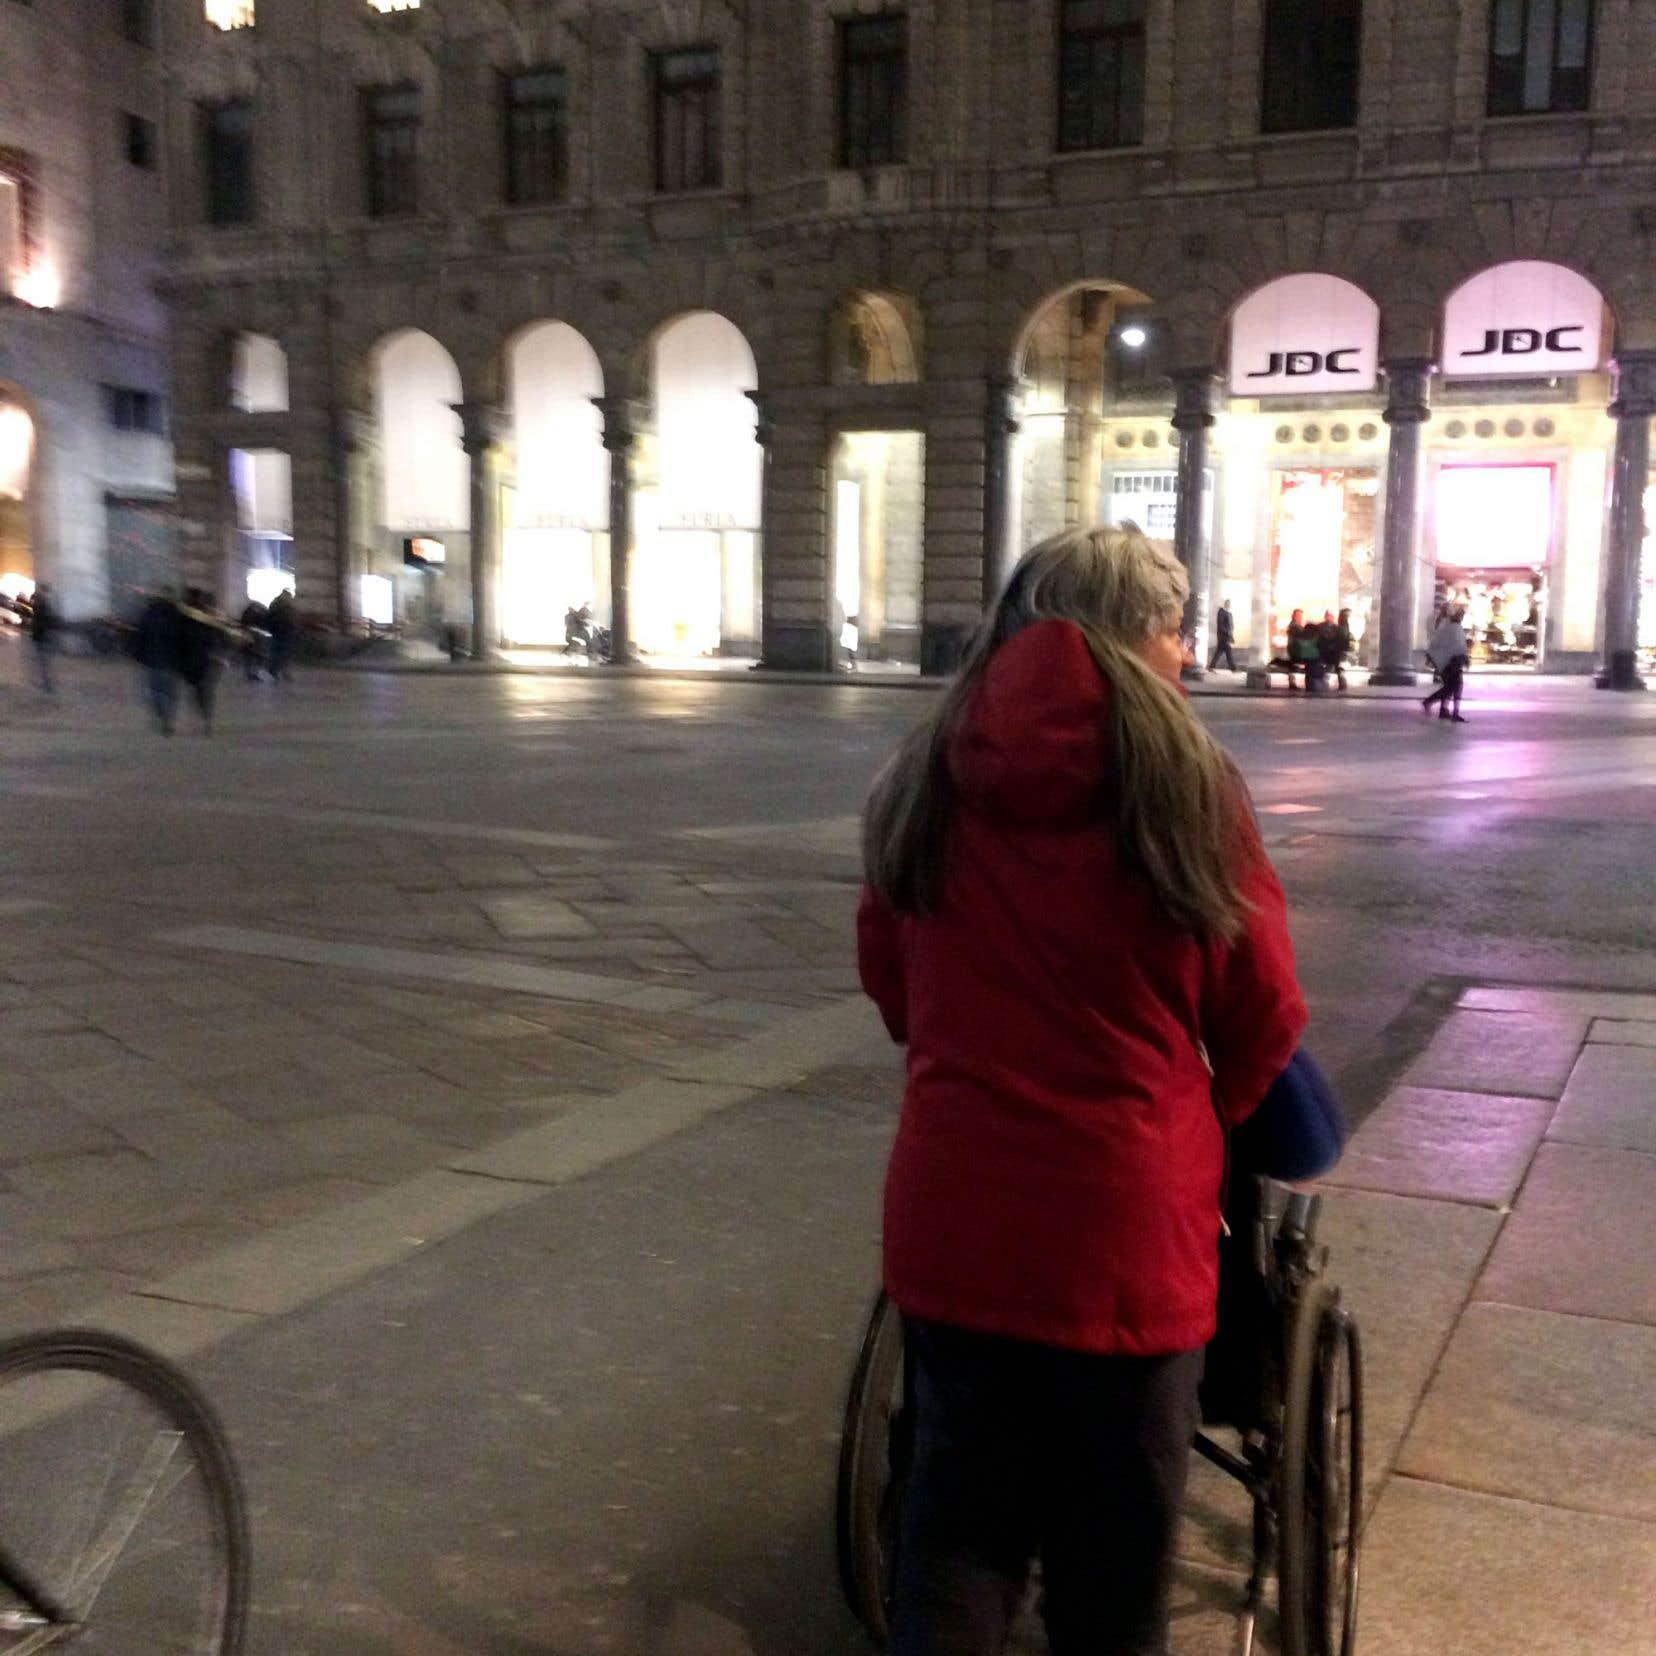 Amoureuse de peinture, Monique a frayé son chemin jusqu'à la chapelle Sixtine, pour un moment de grâce avec Michel-Ange.